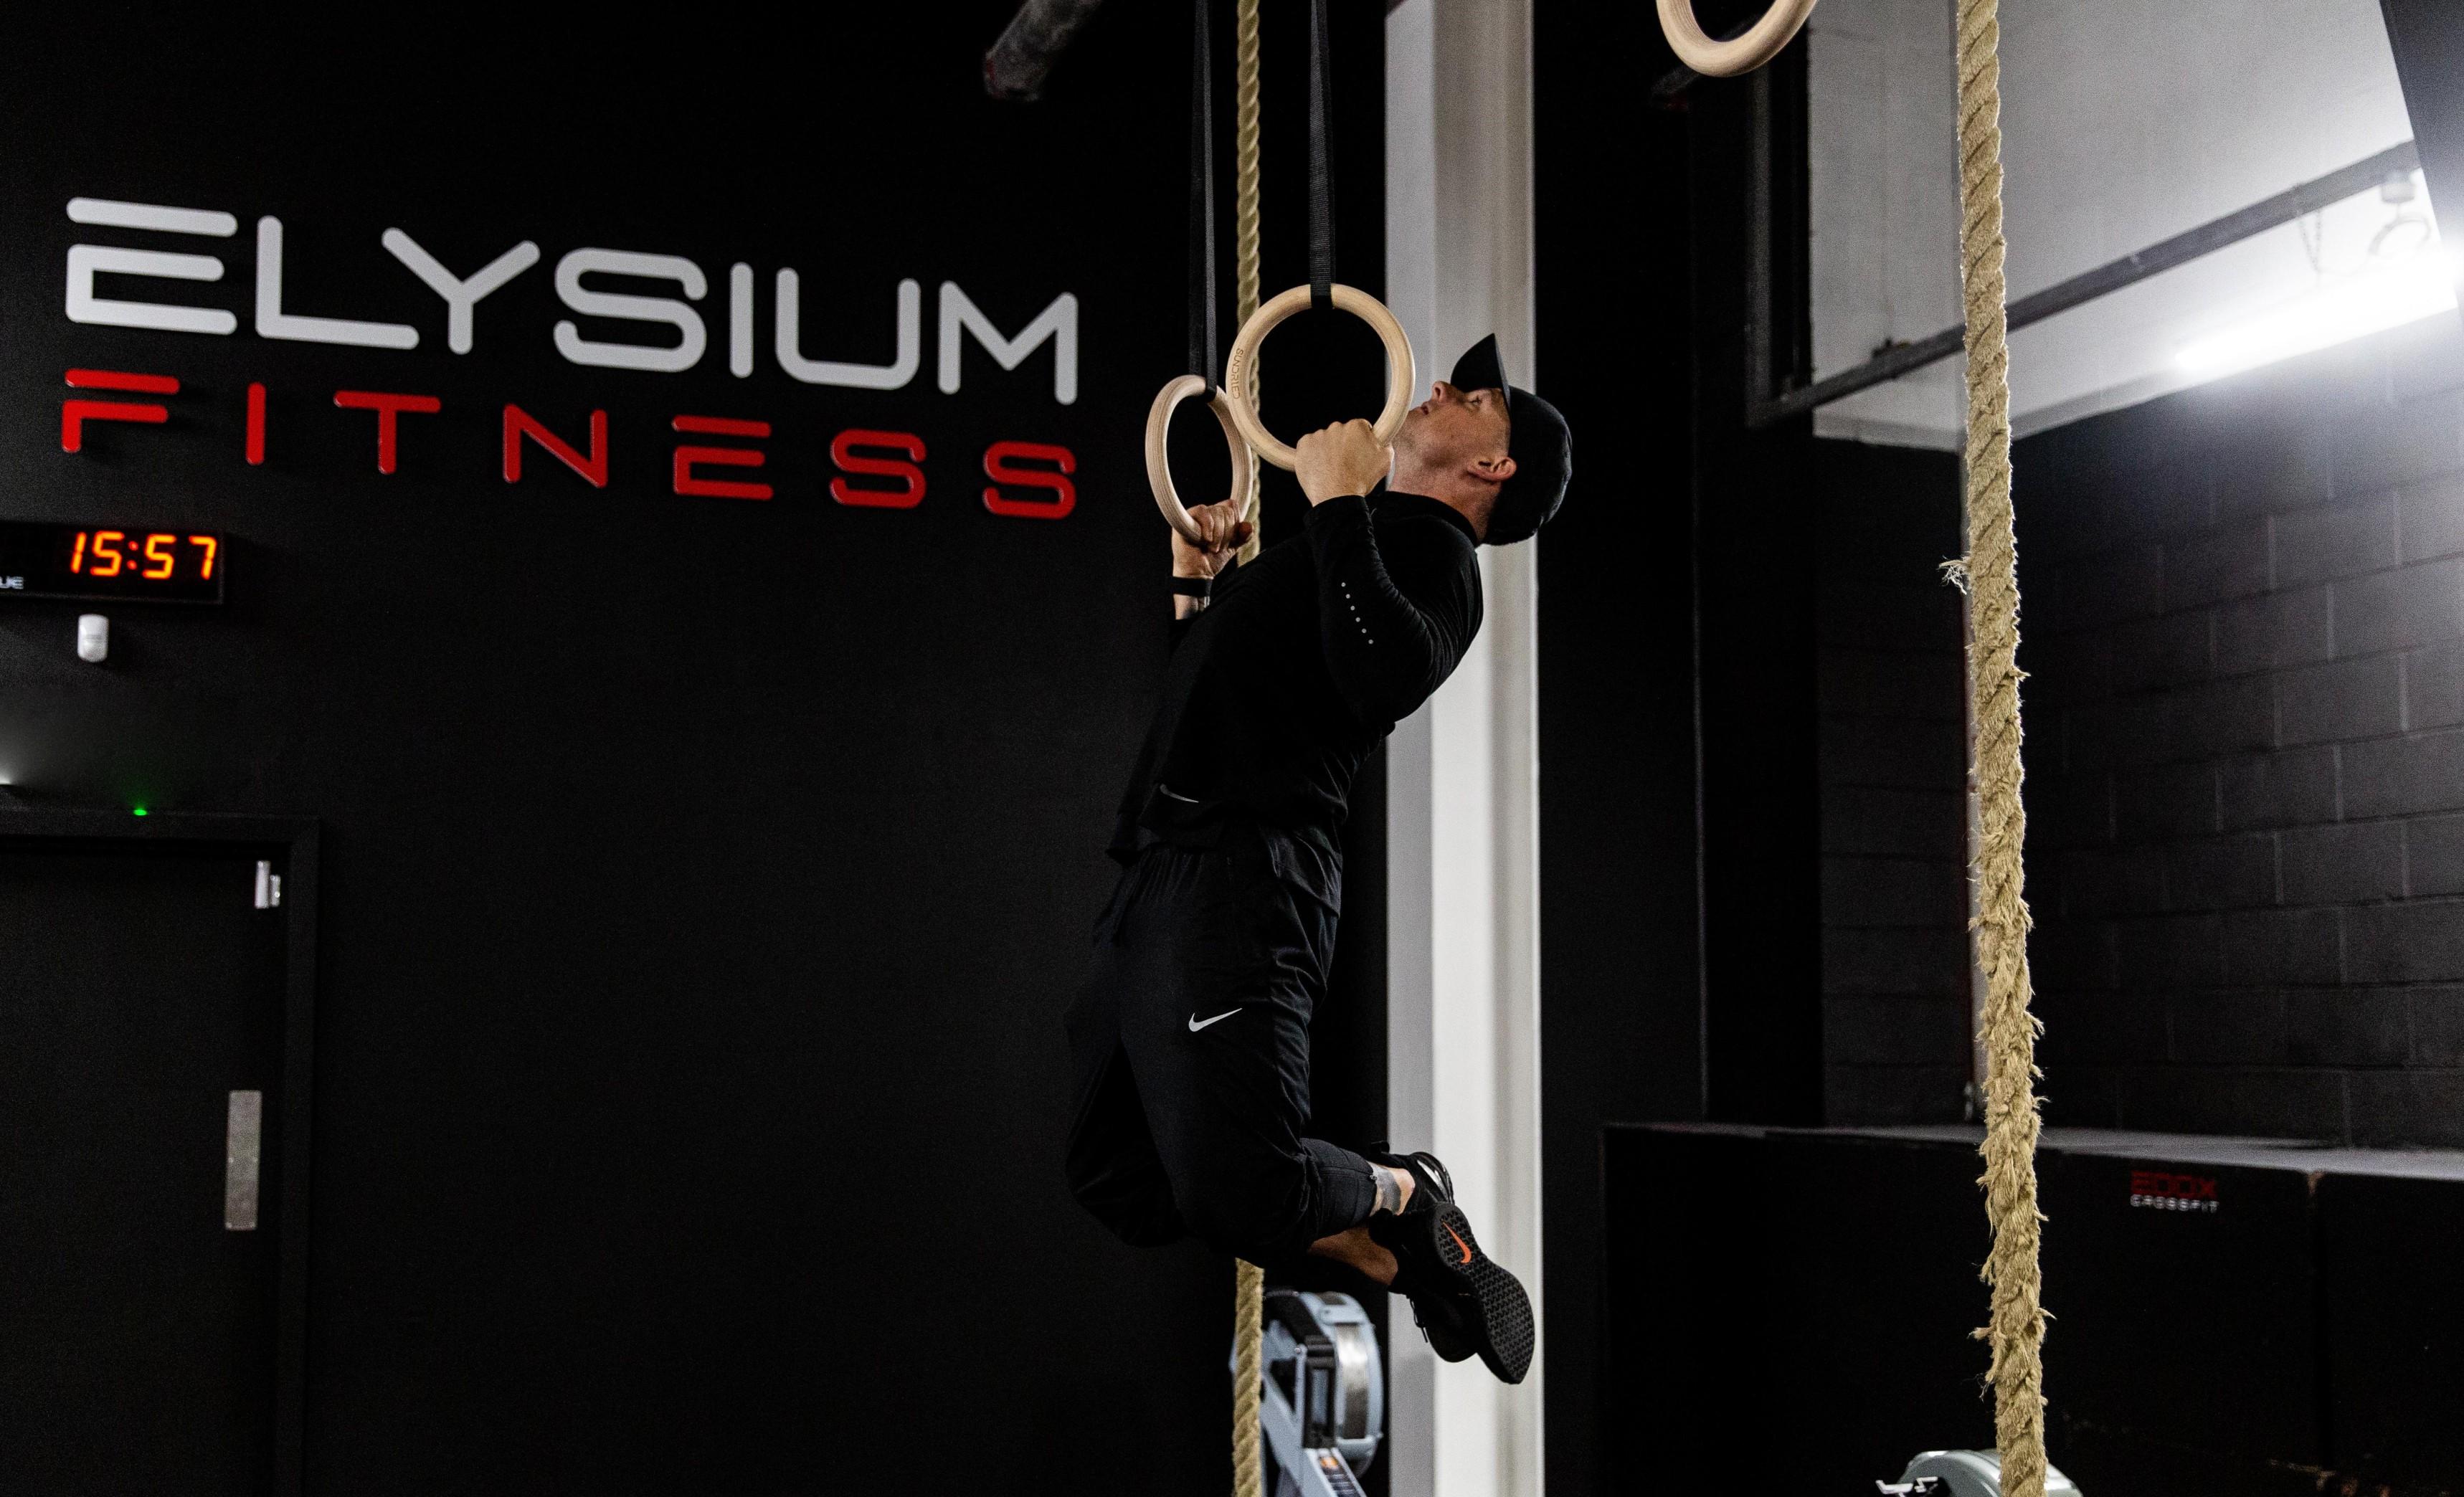 Elysium Edinburgh